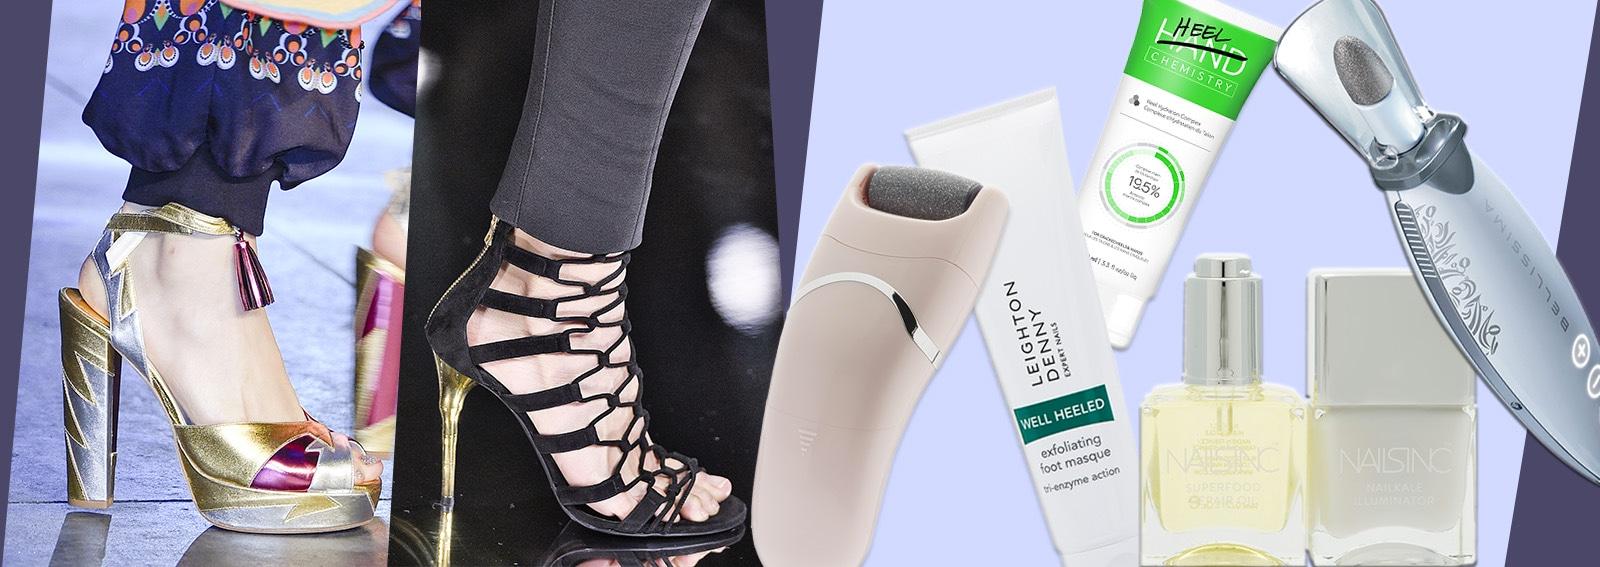 cover-pedicure-come-avere-piedi-a prova-desktop